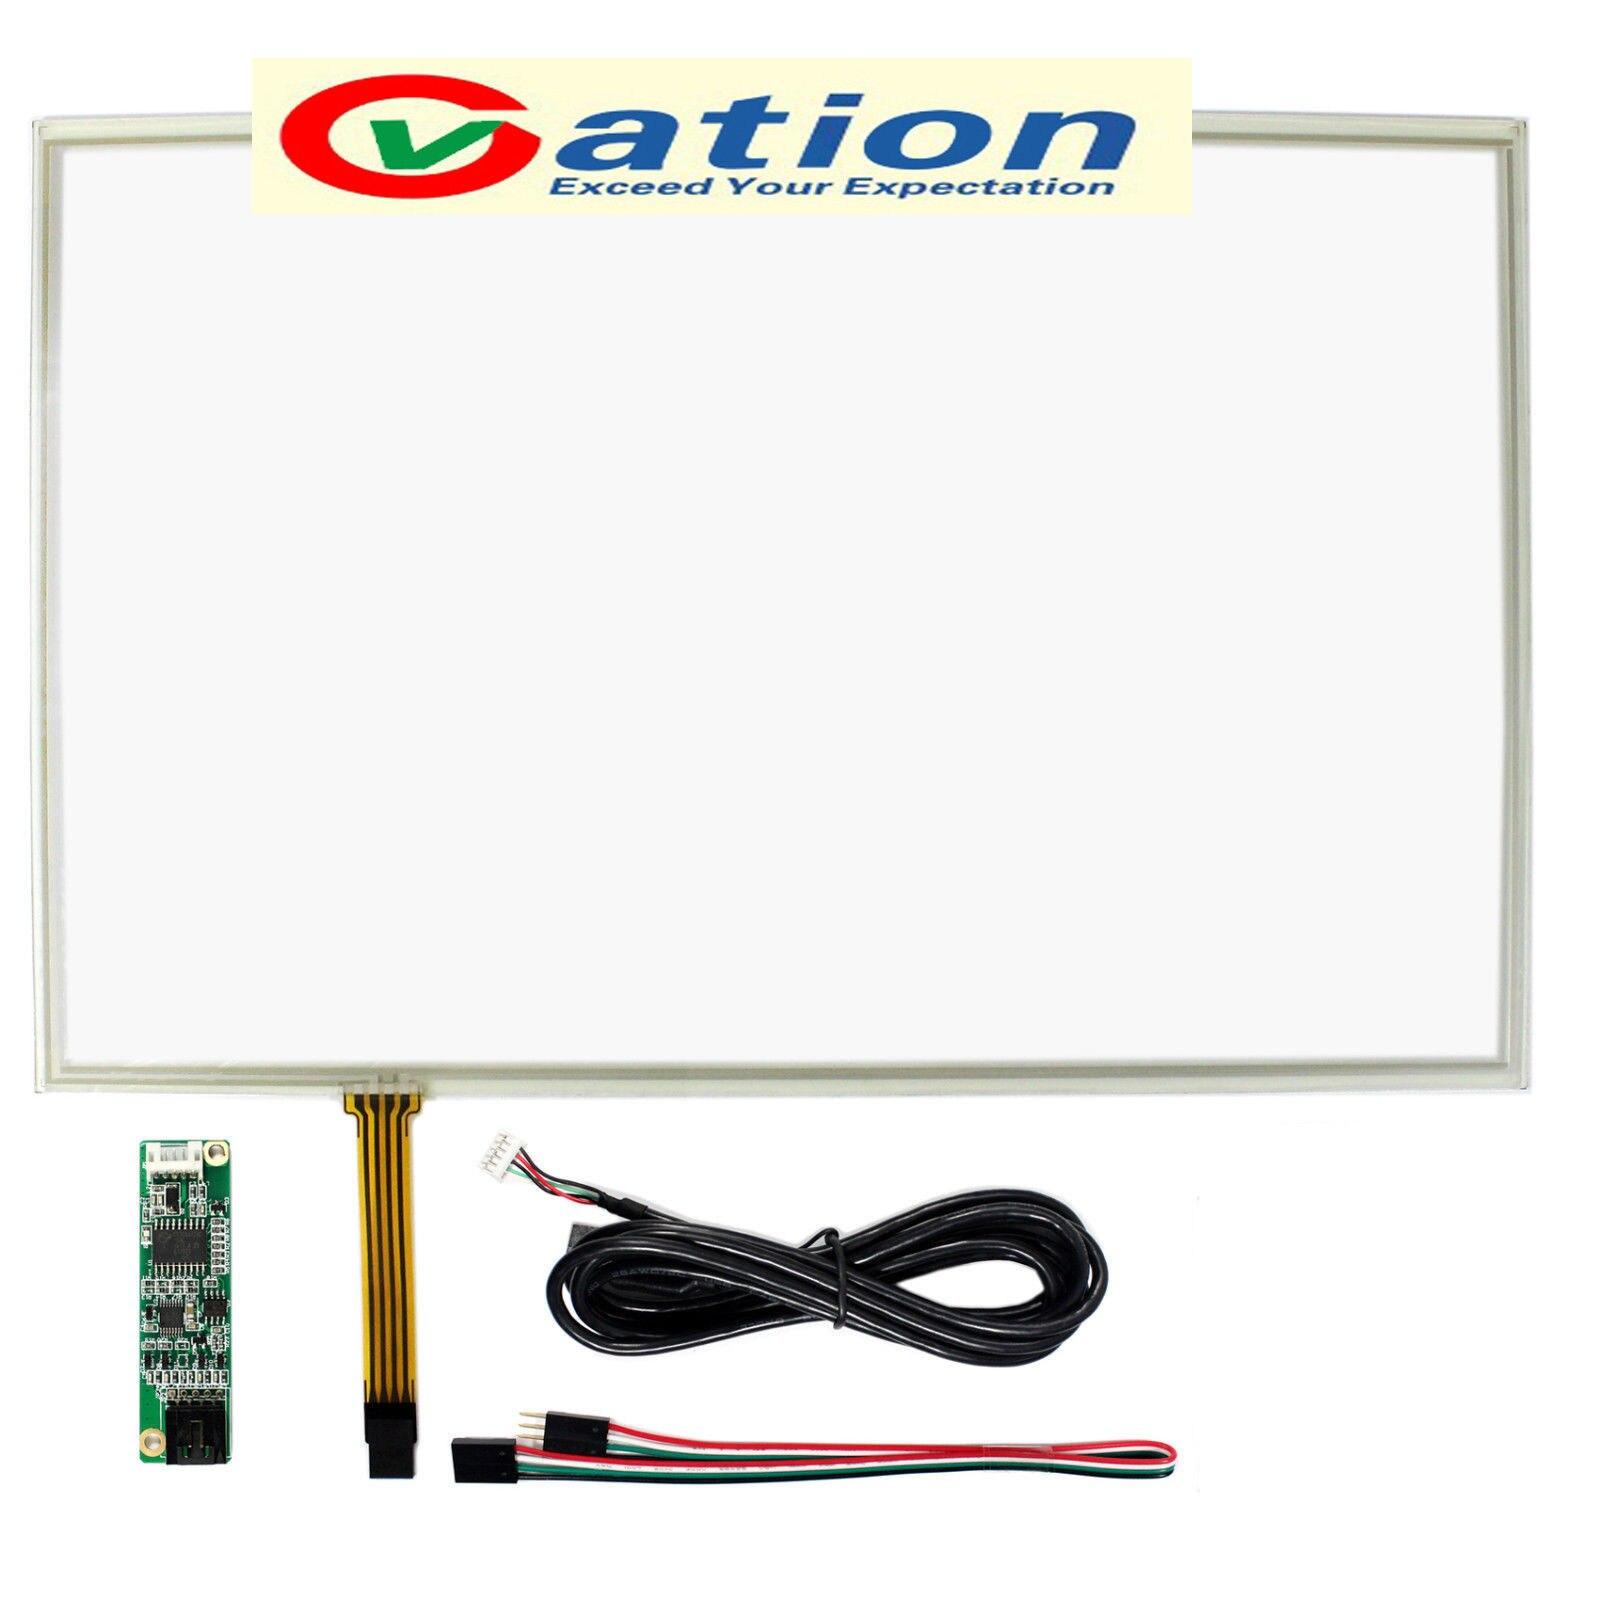 لوحة لمس LCD مقاس 15.4 بوصة مع بطاقة تحكم وشاشة LCD مقاس 344 × 222 1280 × 800